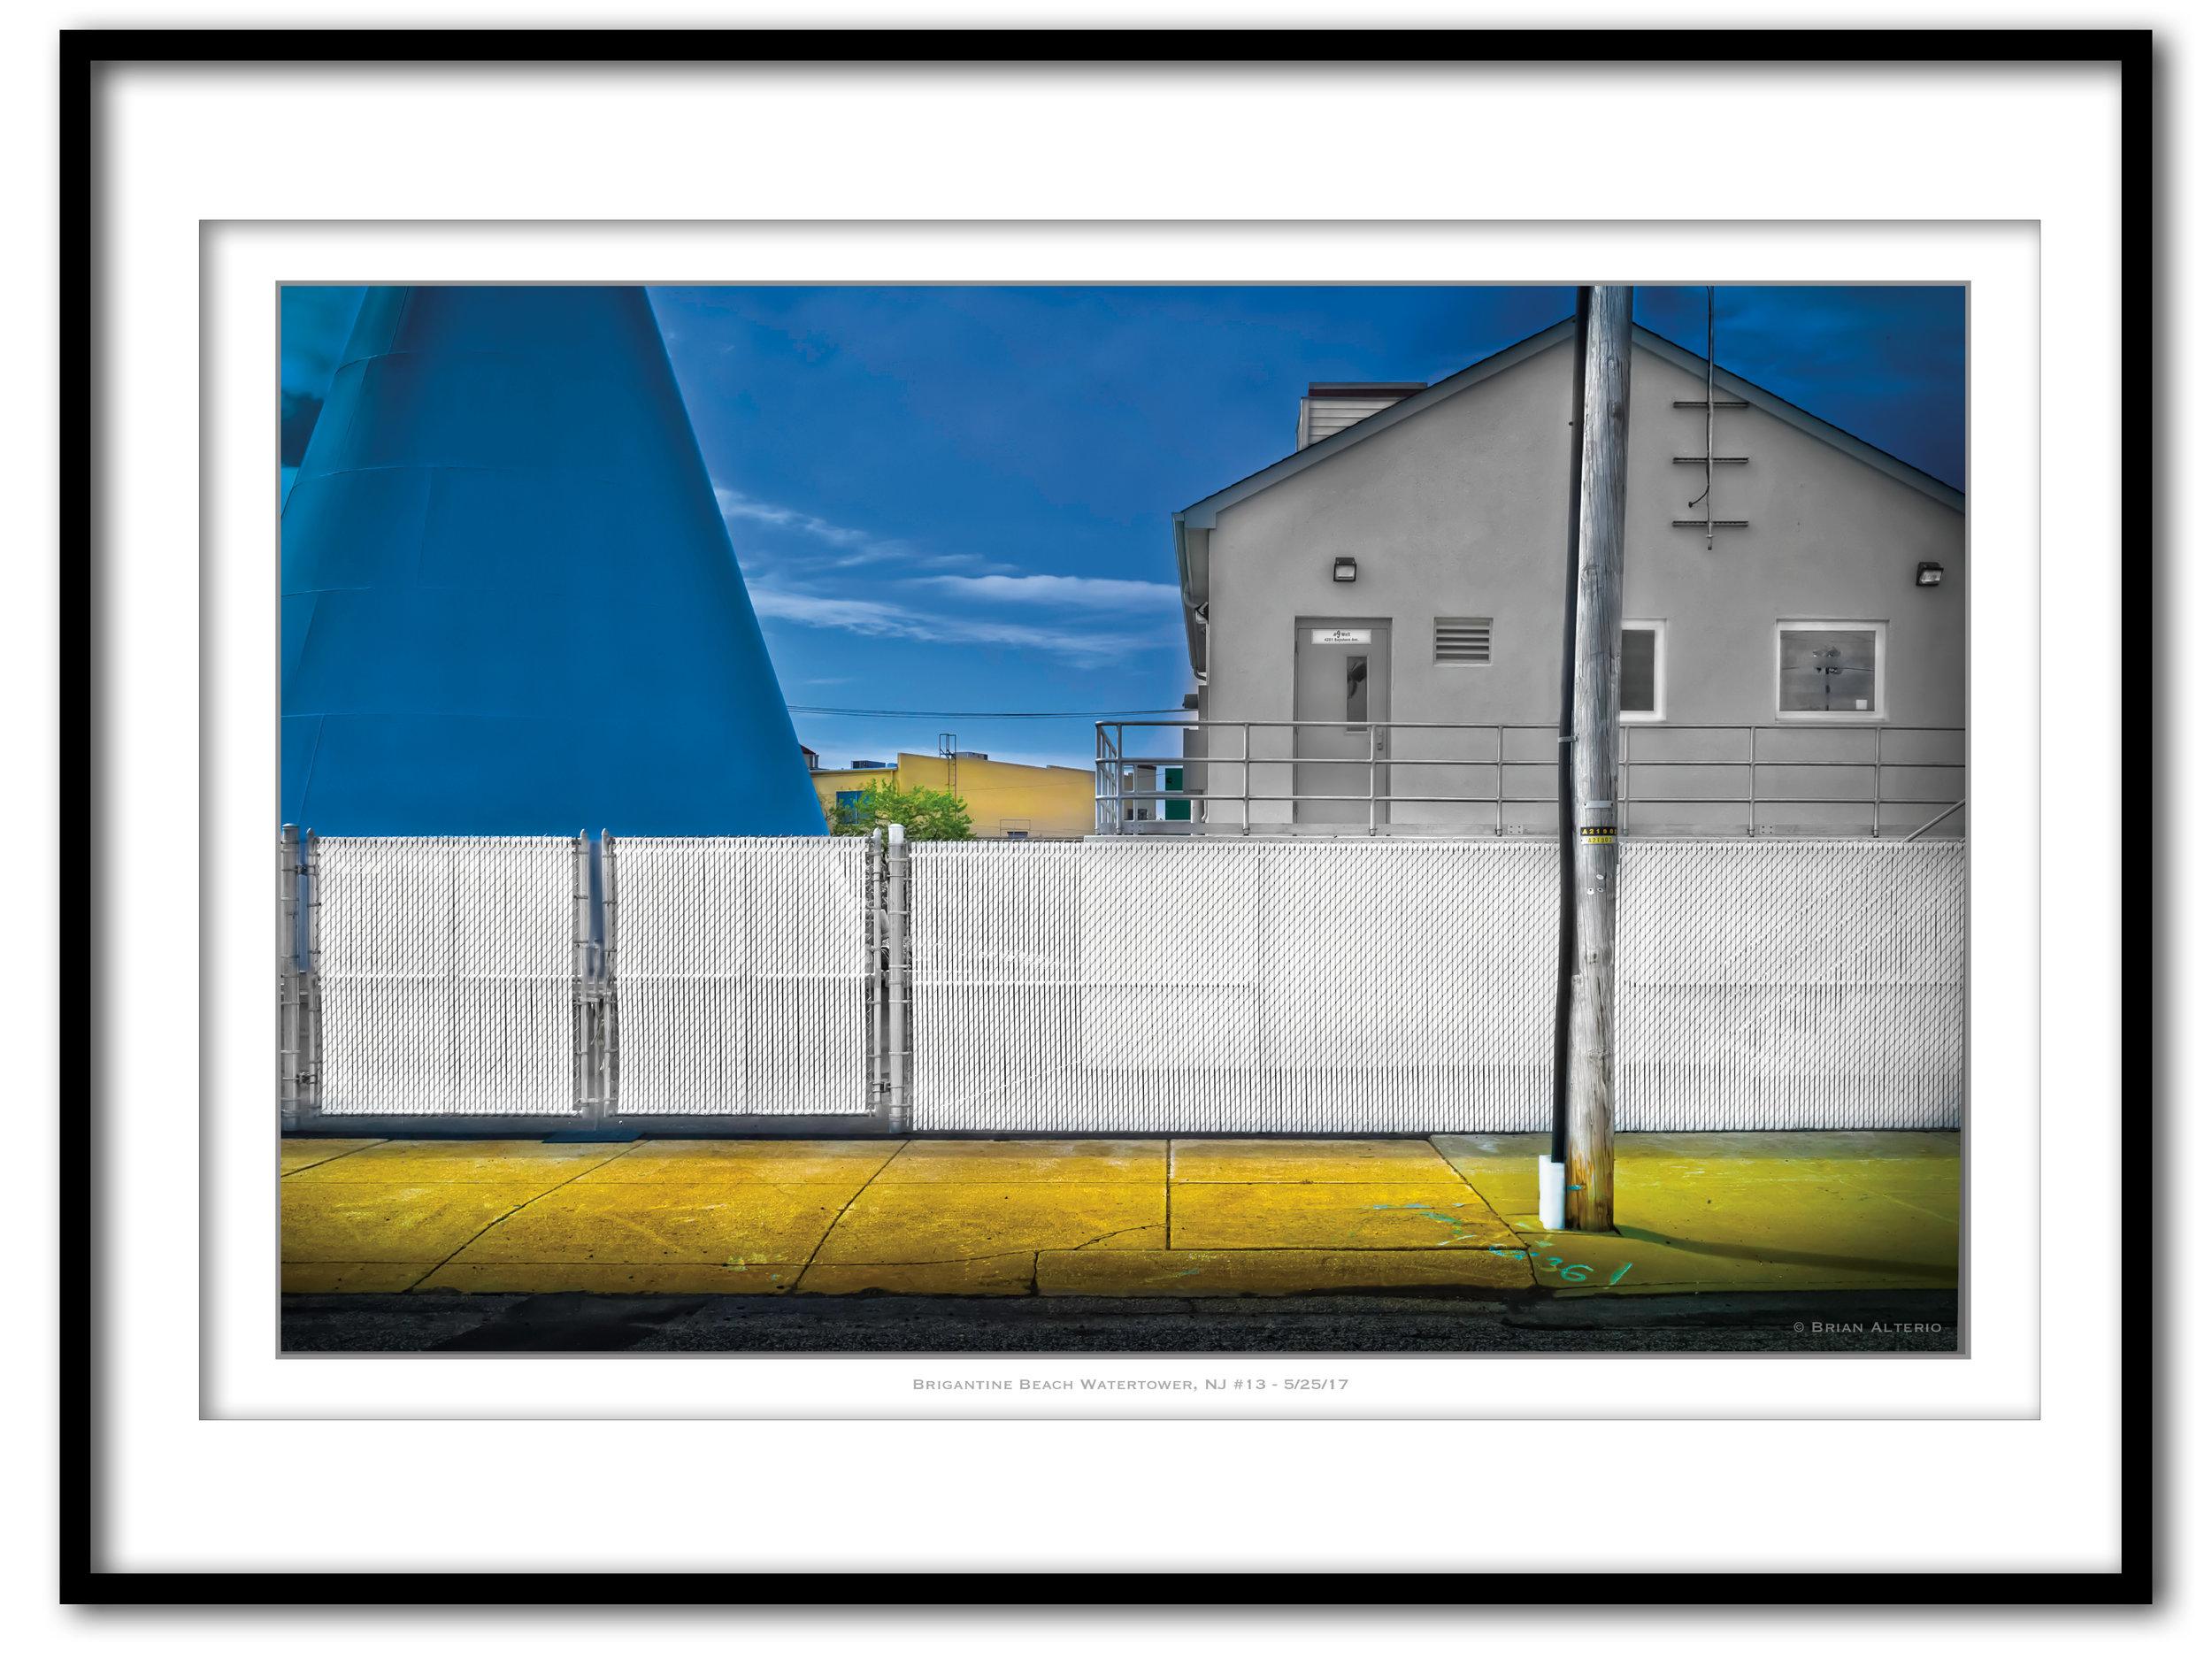 Brigantine Beach, NJ #8 - 5-26-17- Framed - Framed.jpg